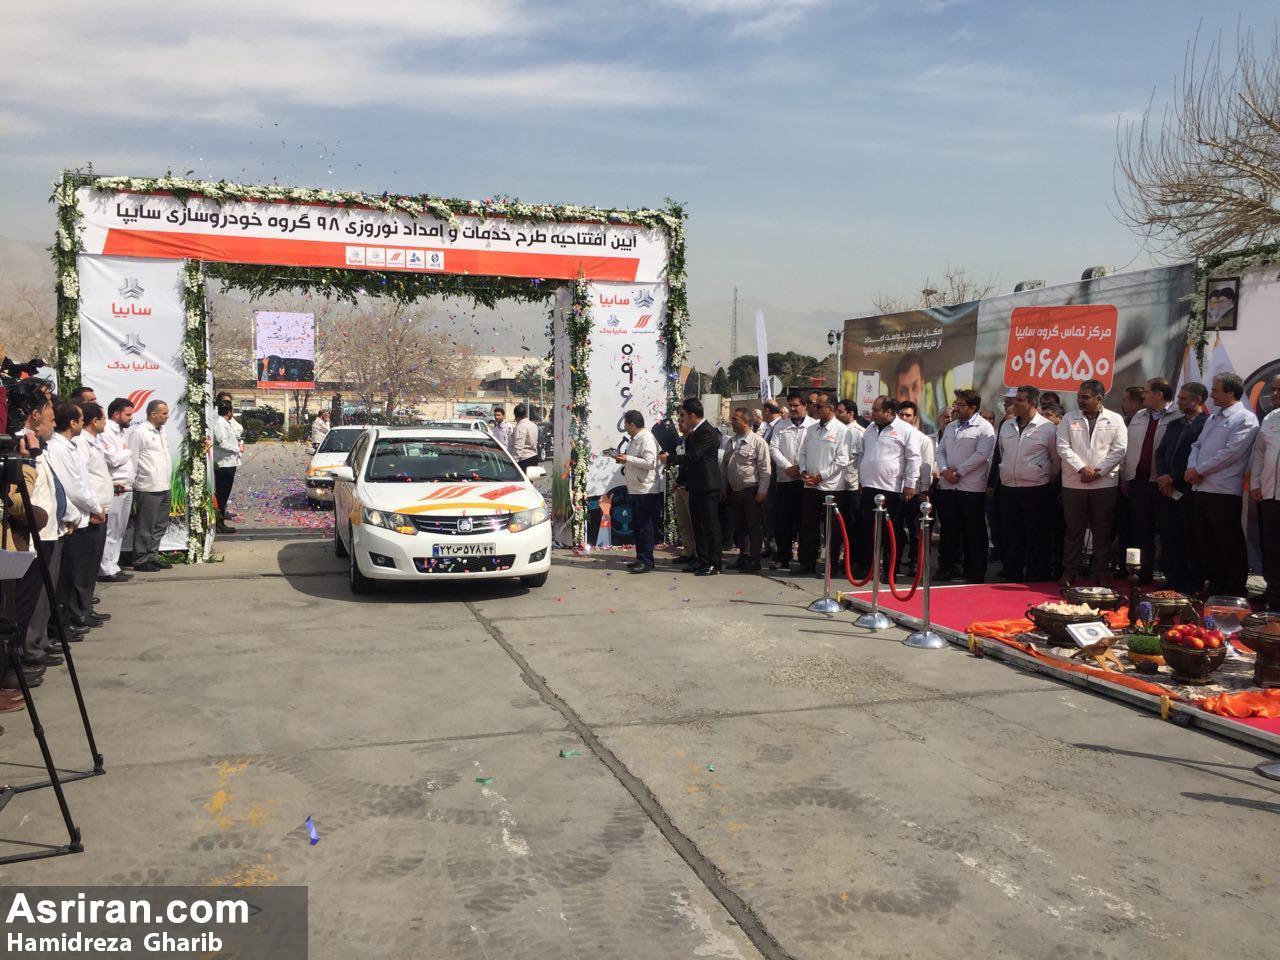 طرح امداد نوروزی 98 سایپا آغاز شد/ تلفن 096550  به مسافران نوروزی در ایران خدمات می دهد  (+گزارش تصویری)